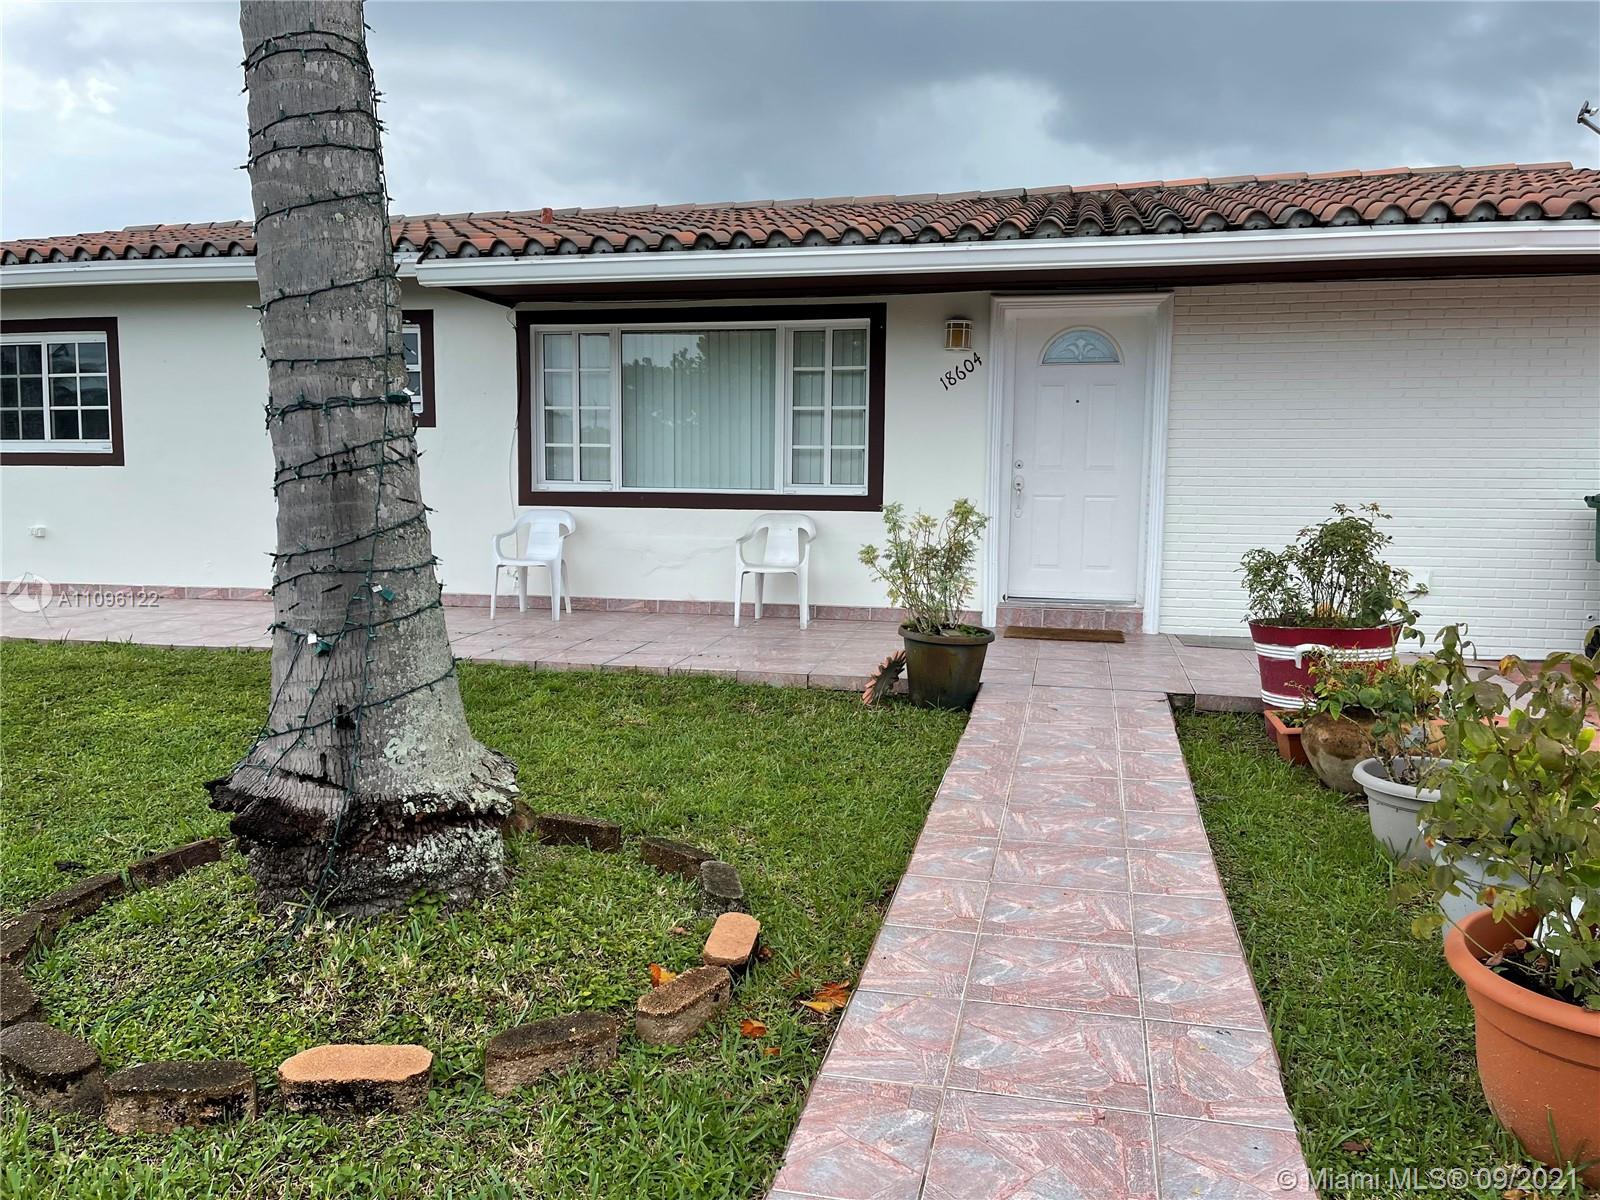 18604 47th Pl, Miami Gardens, Florida 33055